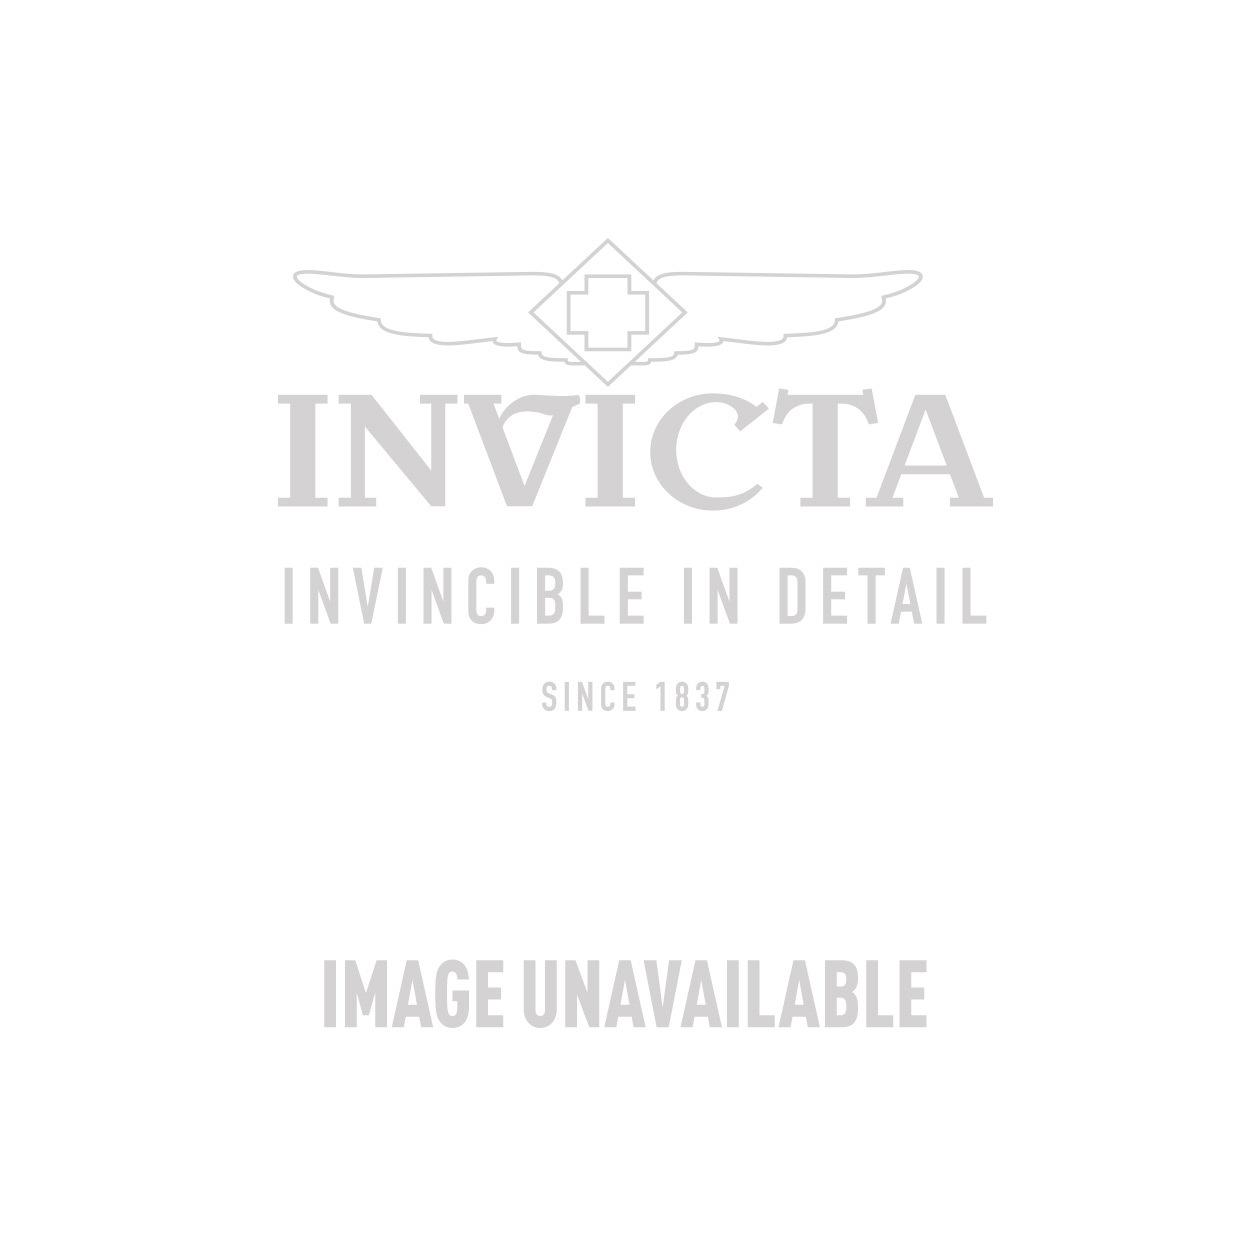 Invicta Speedway Quartz Watch - Gold, Stainless Steel case with Steel, Gold tone Stainless Steel band - Model 18393